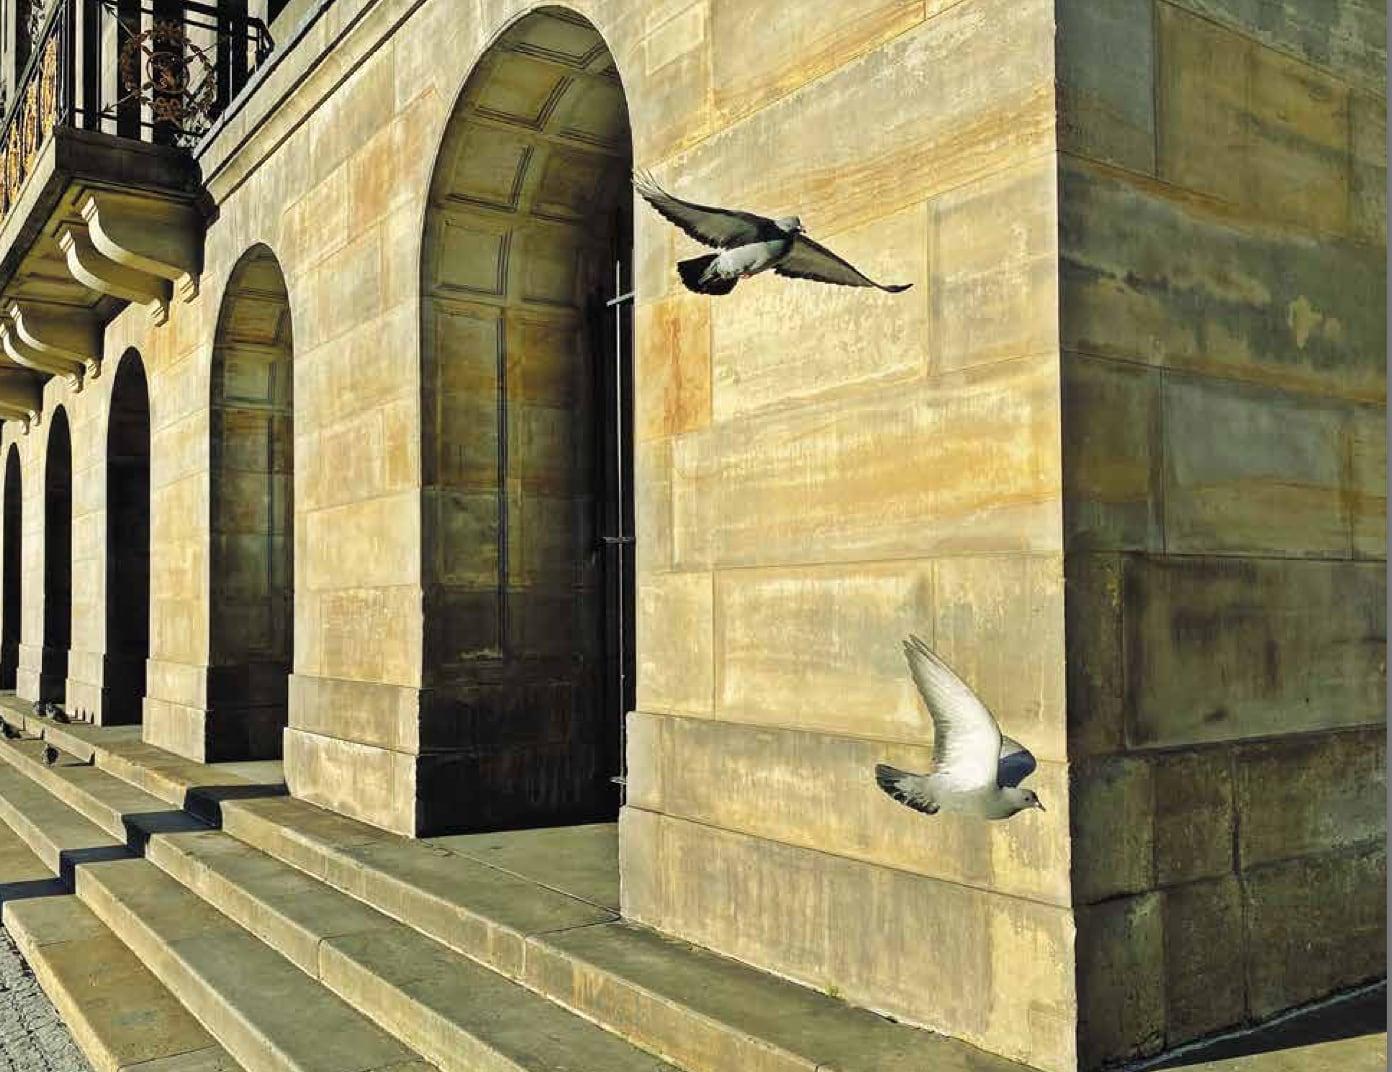 Foto van duiven bij het paleis uit: Het is stil in Amsterdam - Annet de Graaf, isbn 9789043922623